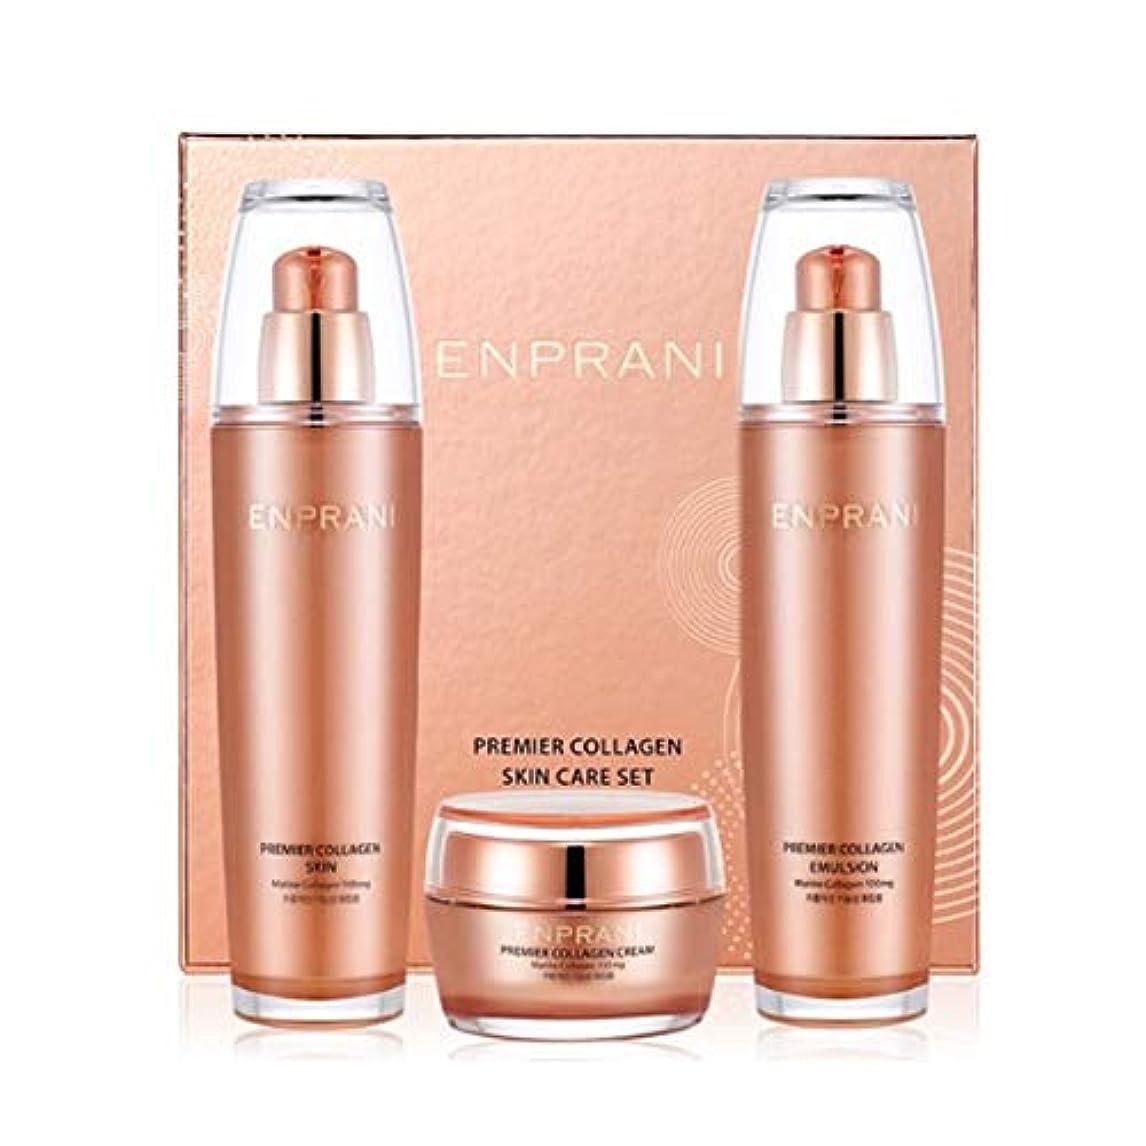 見落とす健全新しさエンプラニ?プレミアコラーゲンセット(スキン125ml、エマルジョン125ml、クリーム50ml)、Enprani Premier Collagen Set (Skin、Emulsion、Cream) [並行輸入品]